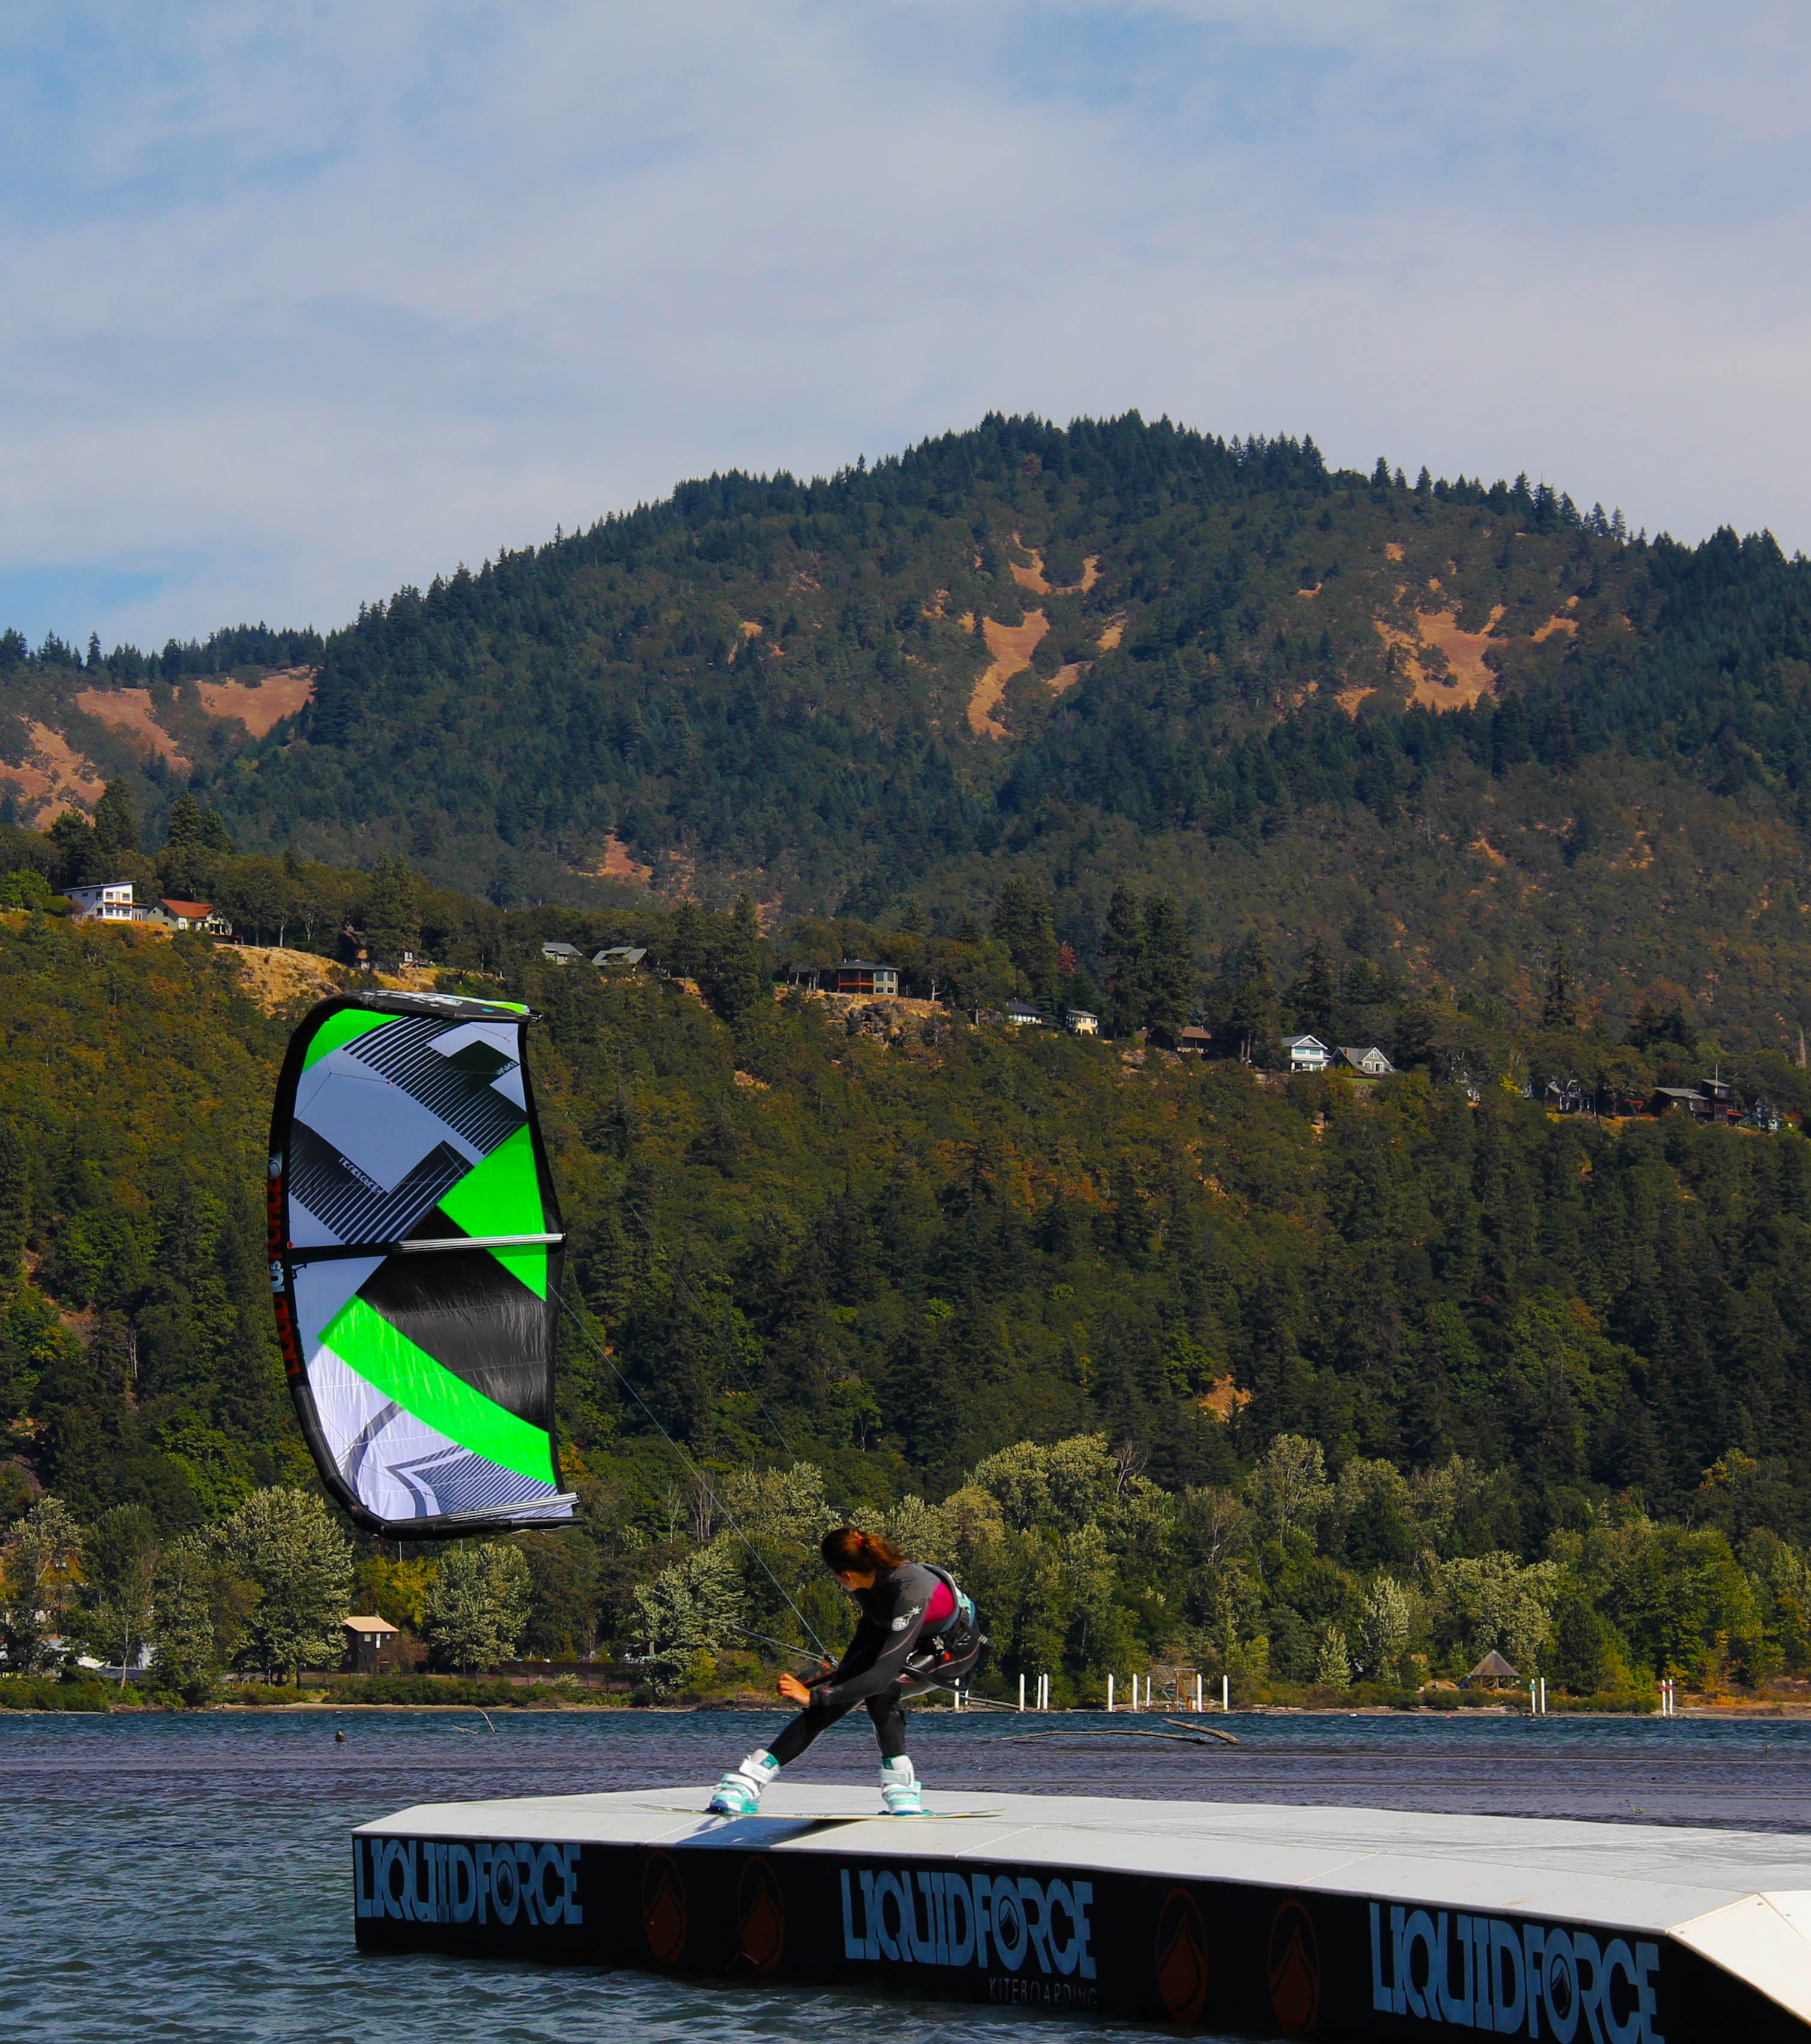 kitesurf wallpaper image - Sensi Graves kiteboarding on the slider with her Liquid Force kite - in resolution: Original 3019 X 3408